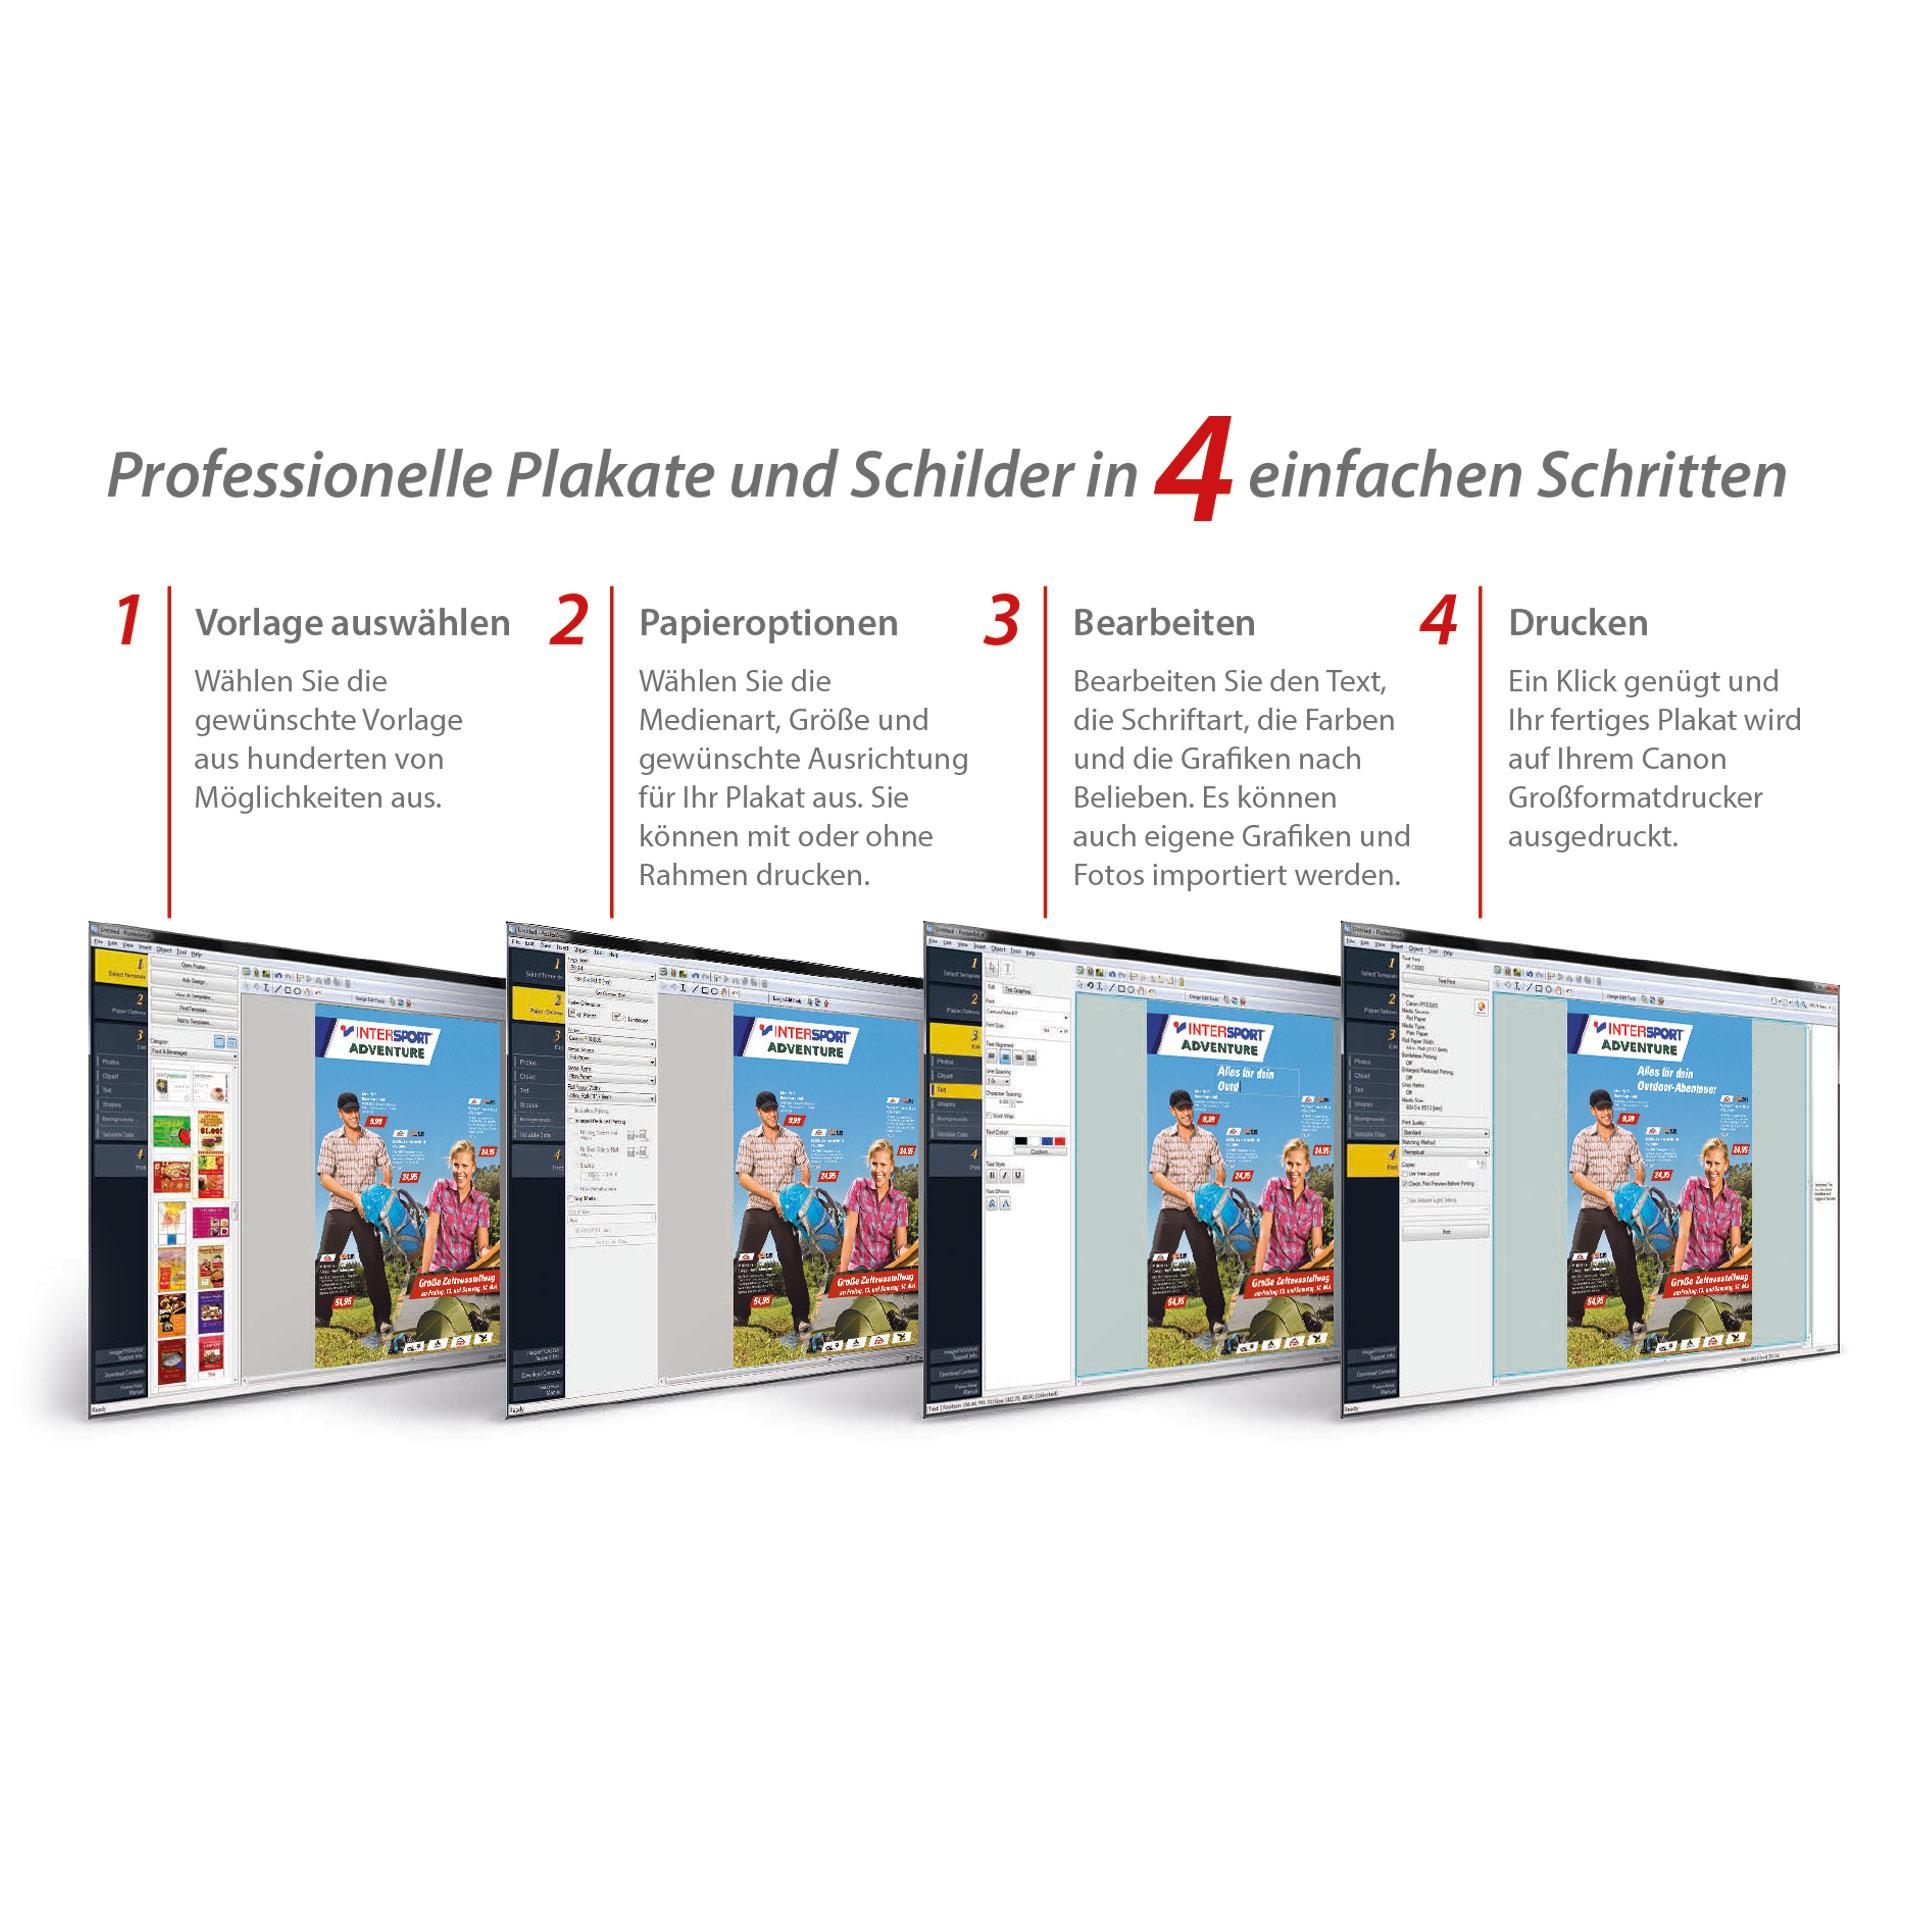 Fantastisch Vorlagen Für Poster Bilder - Entry Level Resume Vorlagen ...